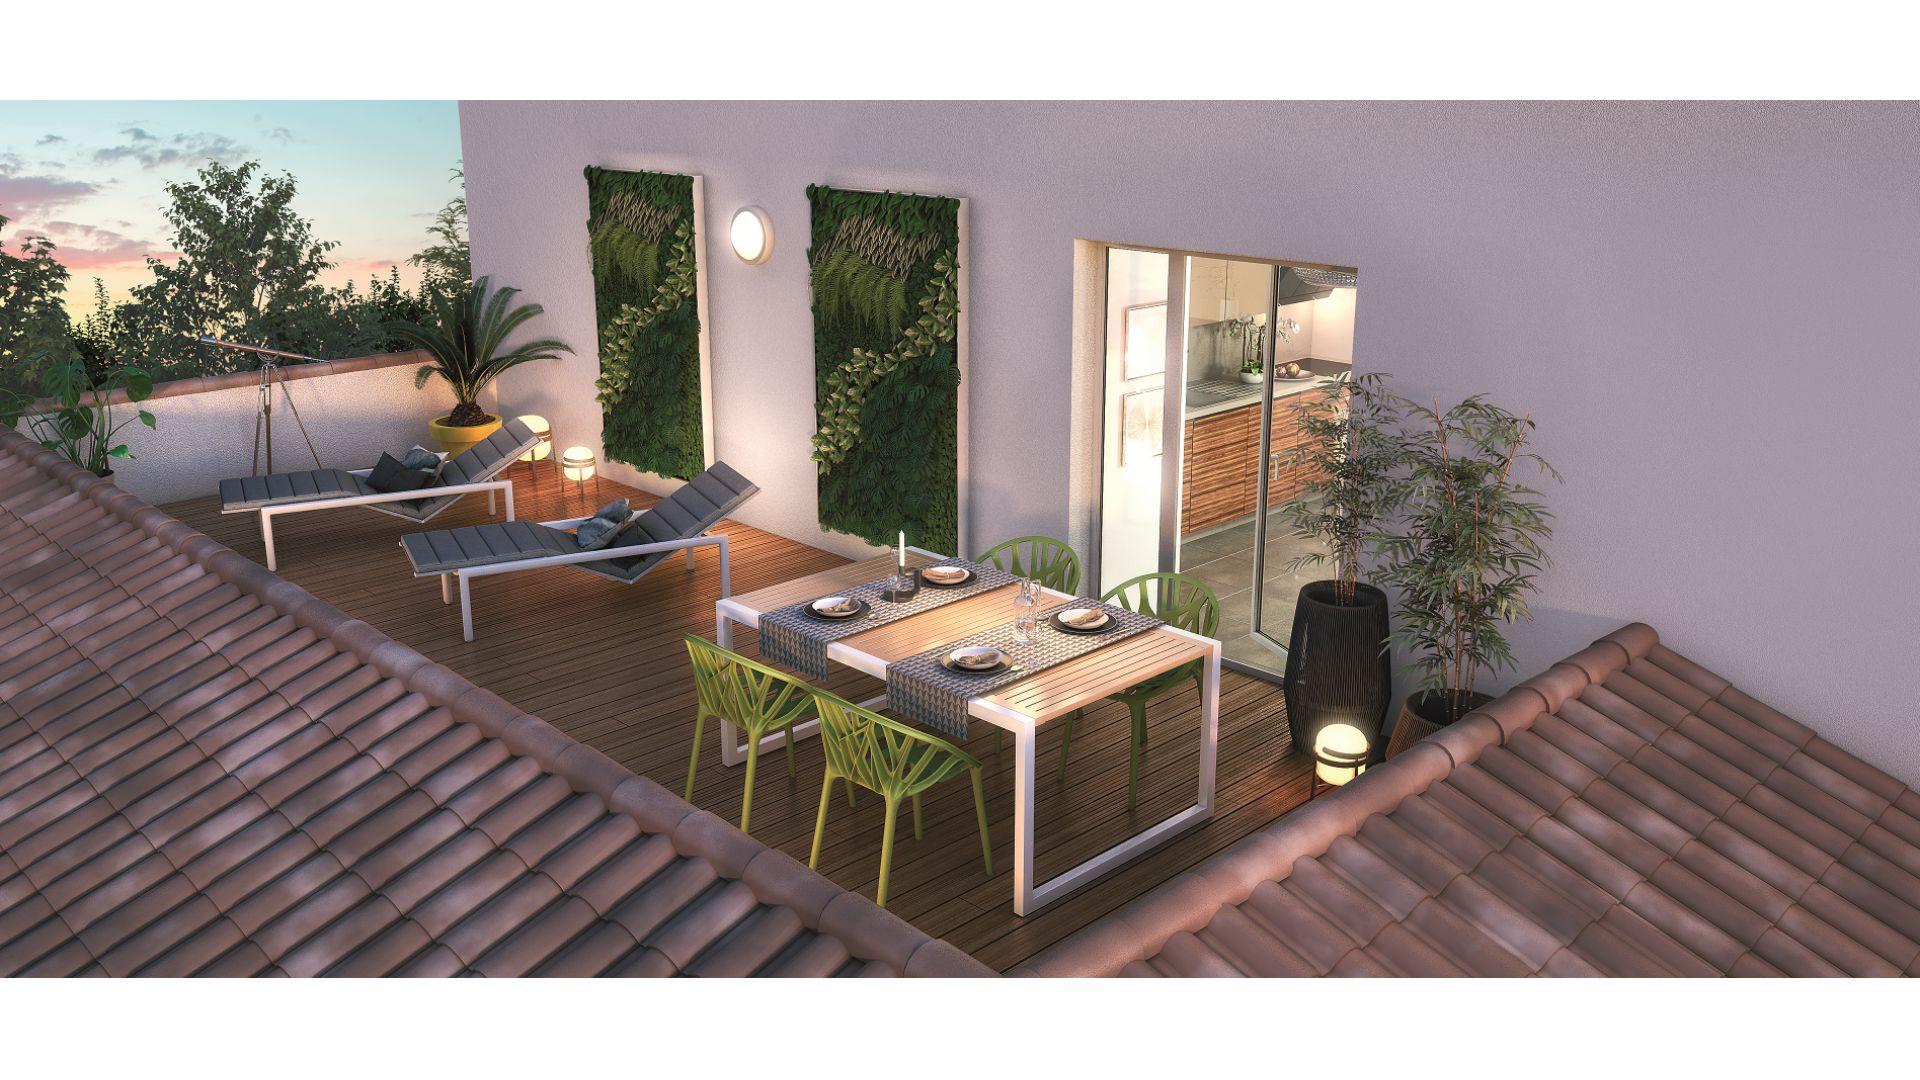 GreenCity immobilier - L Escalis - Appartement du T1 au T5 Duplex - Escalquens 31750 - vue terrasse